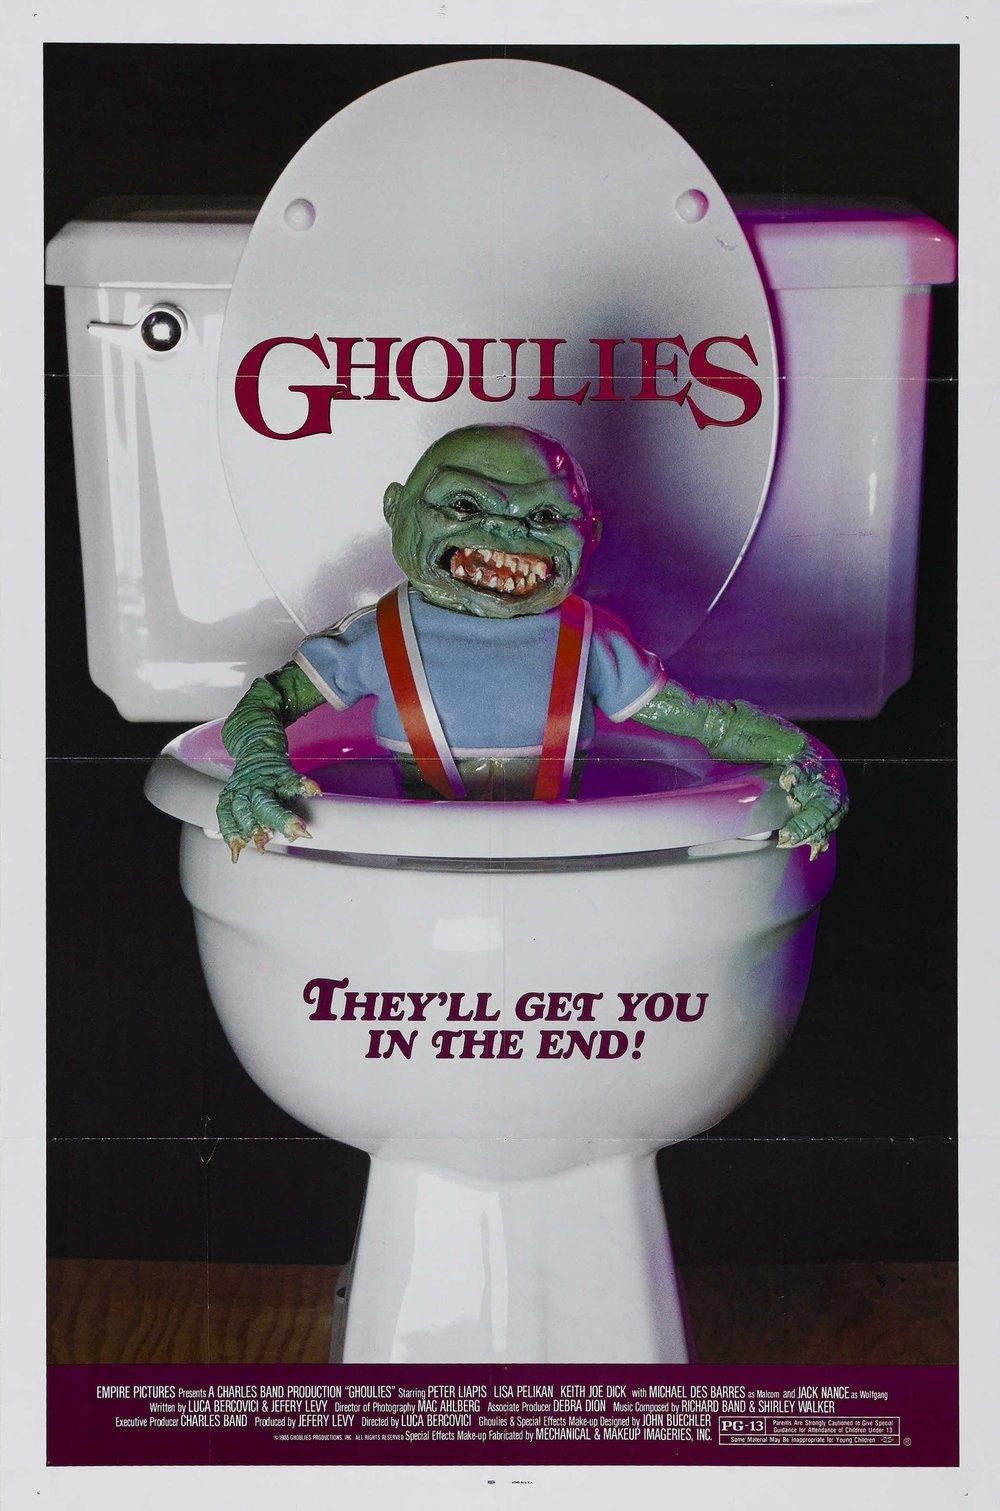 ghoulies_poster_01.jpg